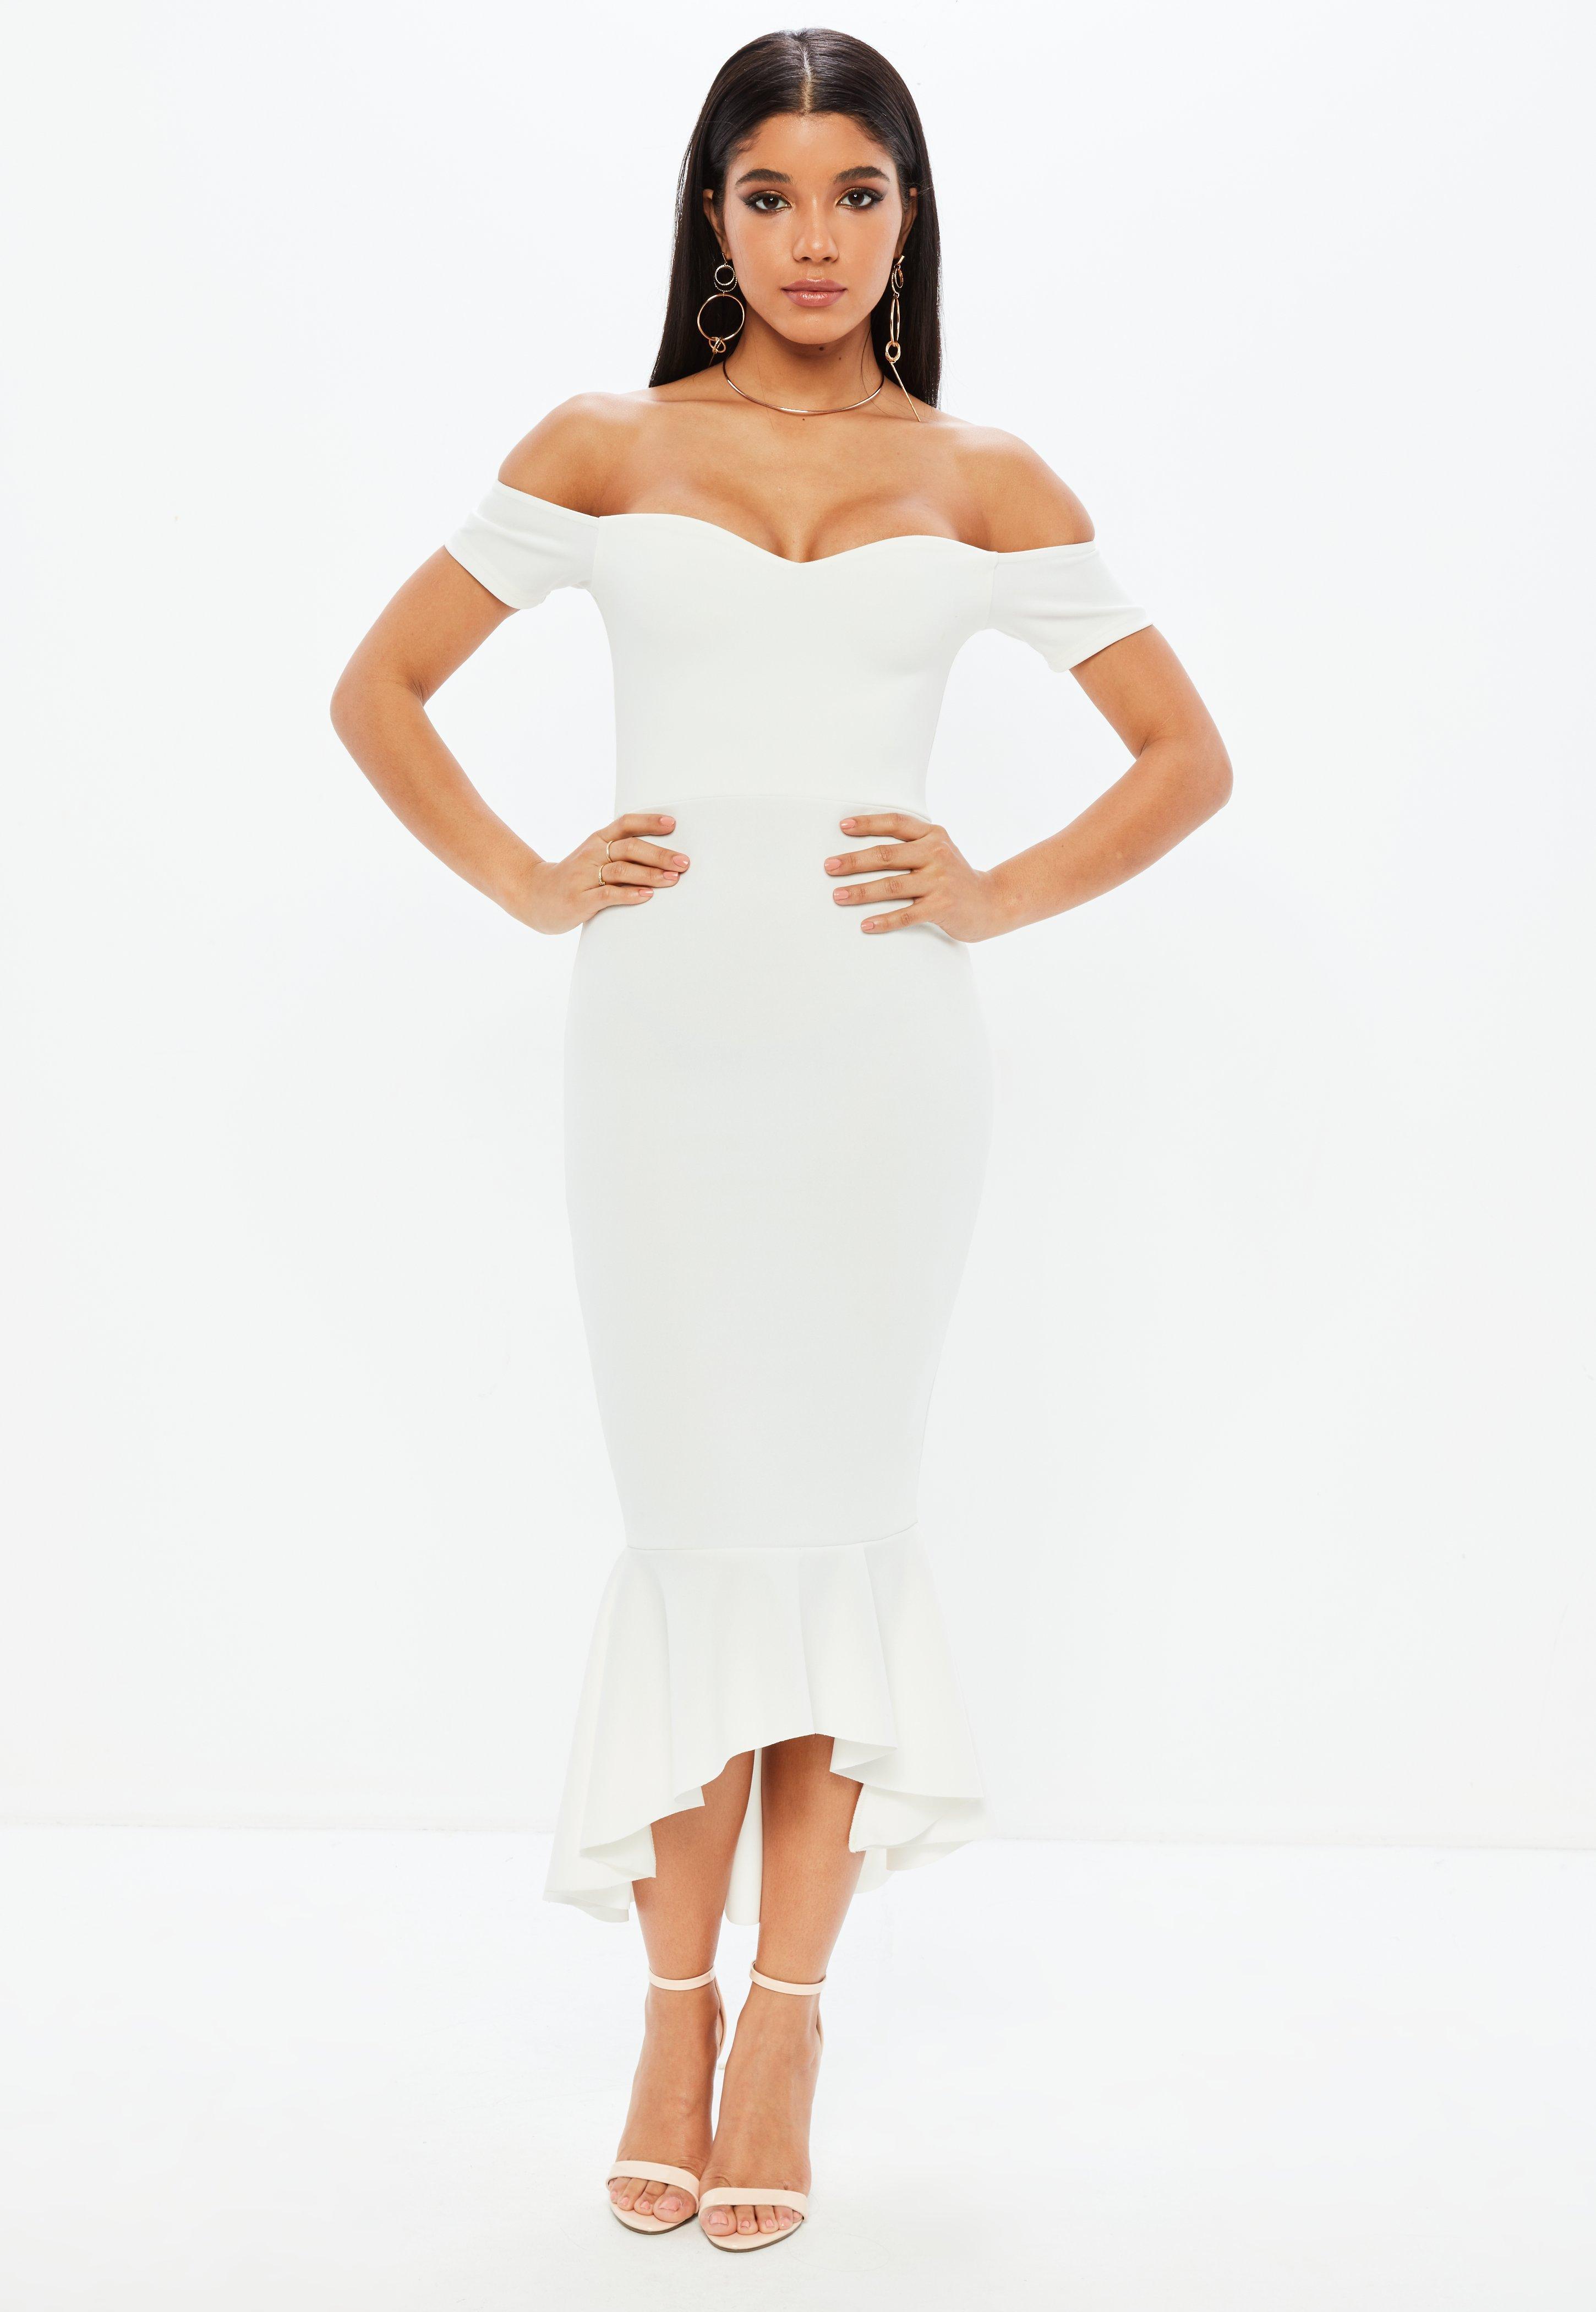 Cool fire 4 plus white dress